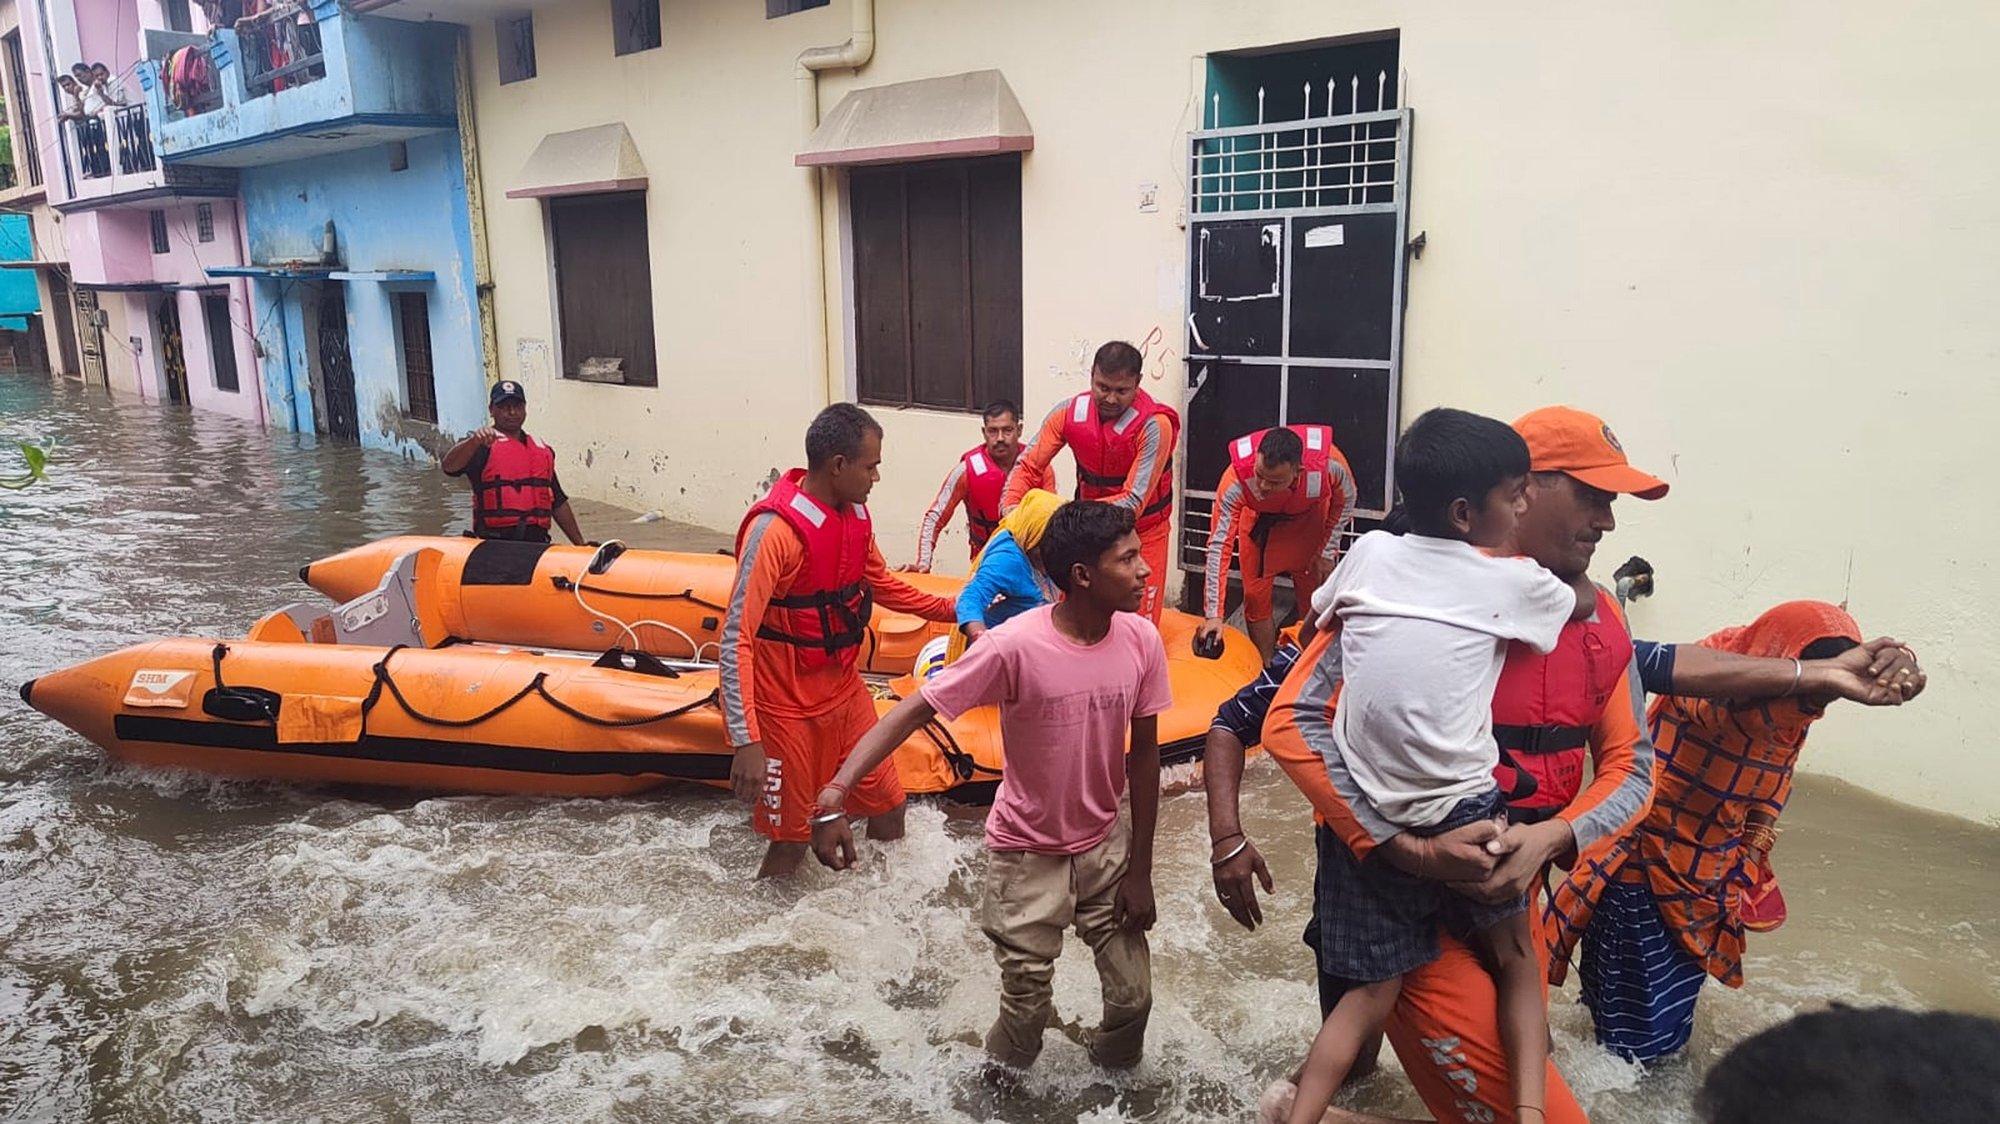 Agentes da Força Nacional de Resposta a Desastres indiana (NDRF) durante uma operação de salvamento. Nagar, Uttrakhand, Índia, 19 de outubro de 2021